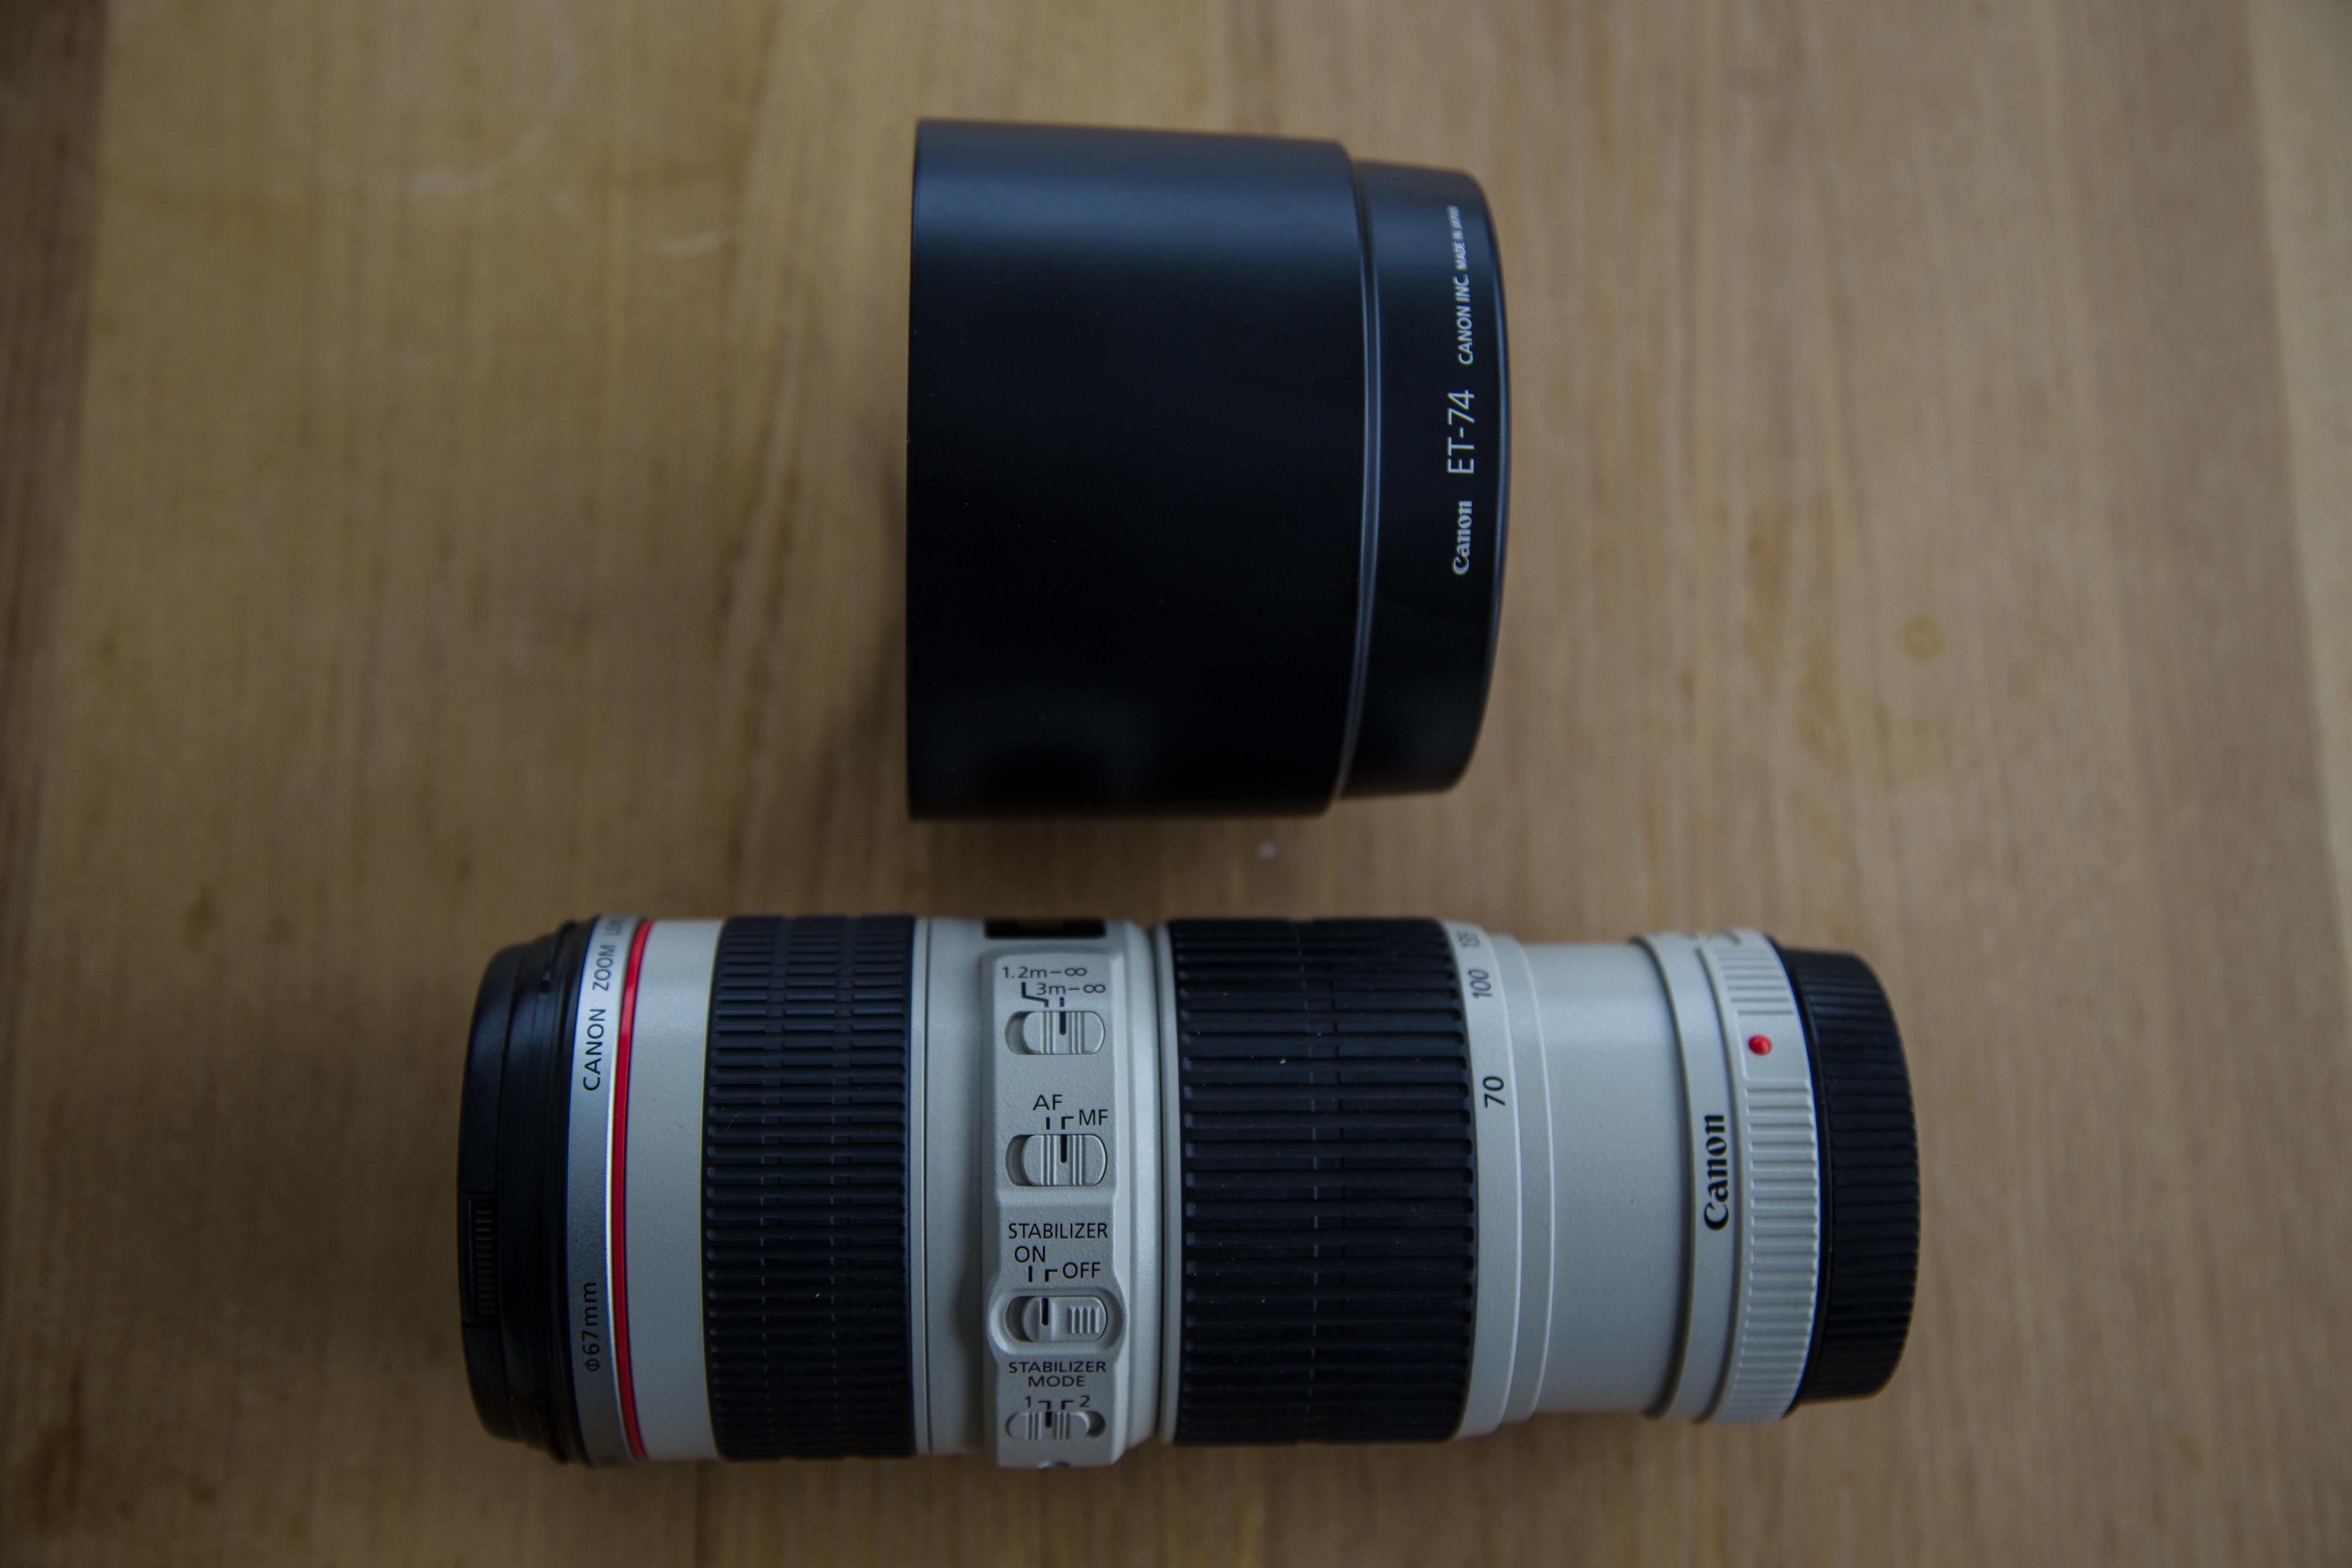 Liefern Minolta Set Für Liebhaber Der Analogen Photographie Heller Glanz Analogkameras Analoge Fotografie